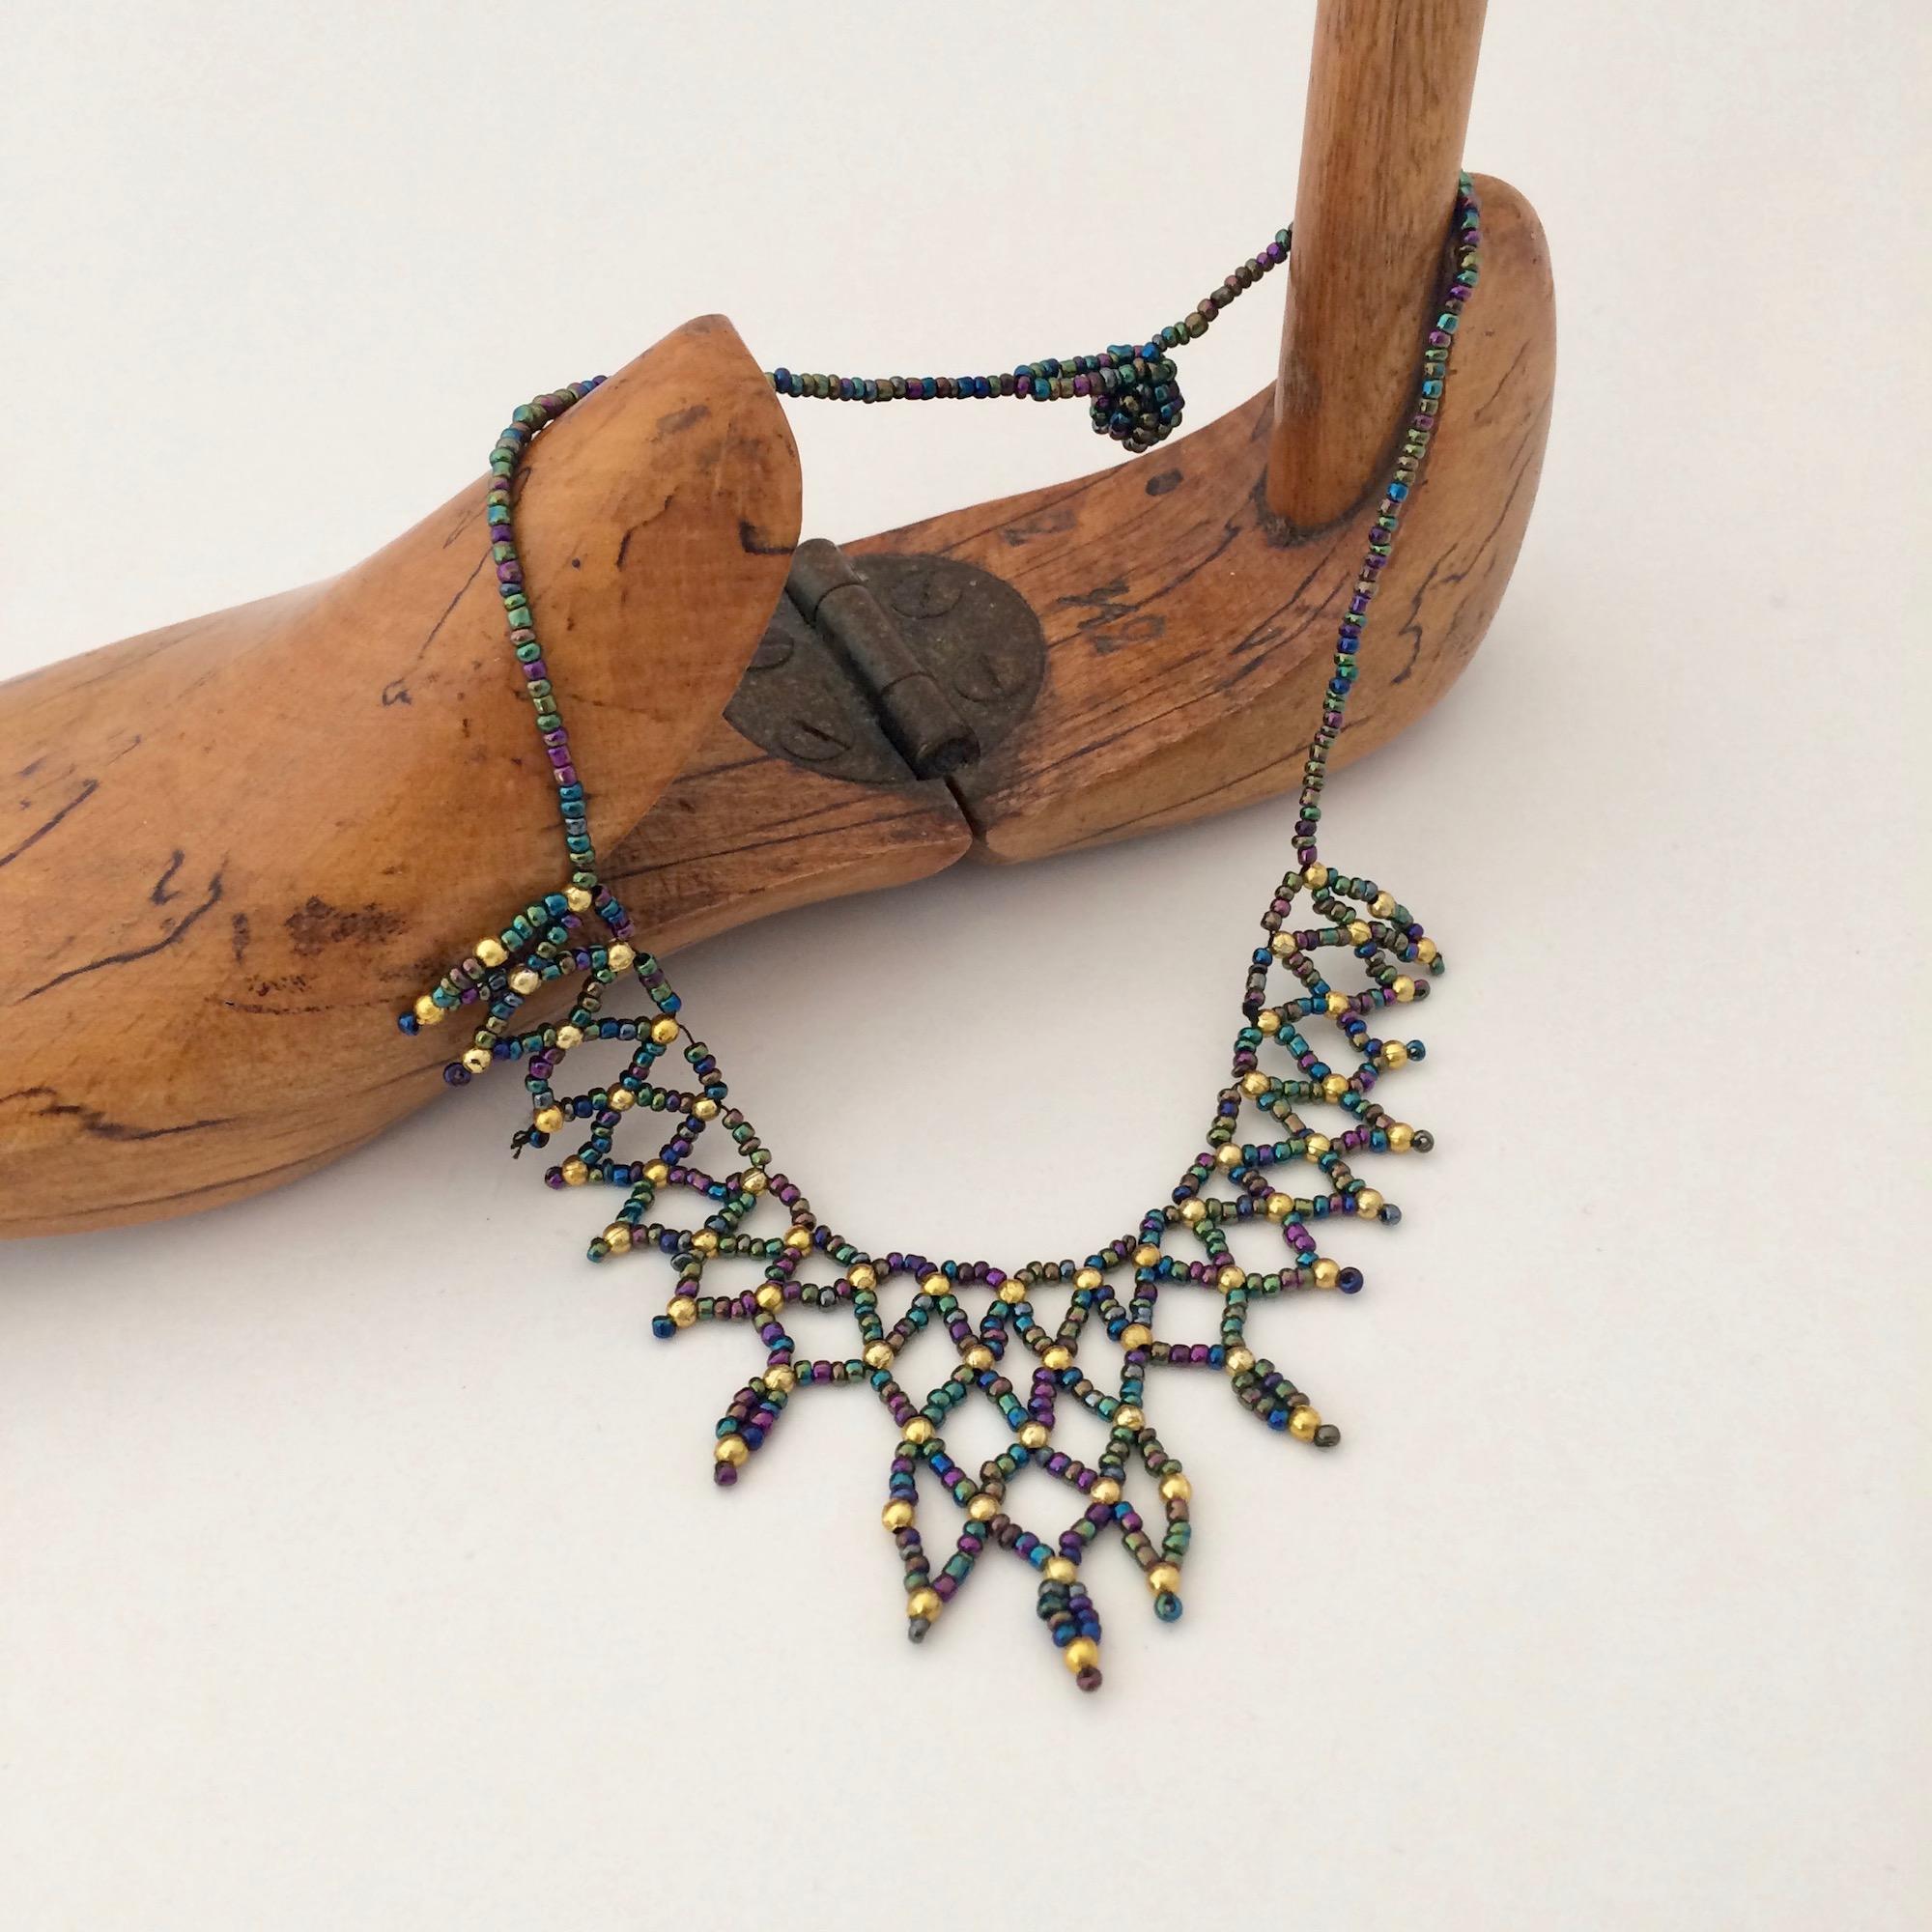 Bedouin Blue-Green & Golden Beaded Necklace